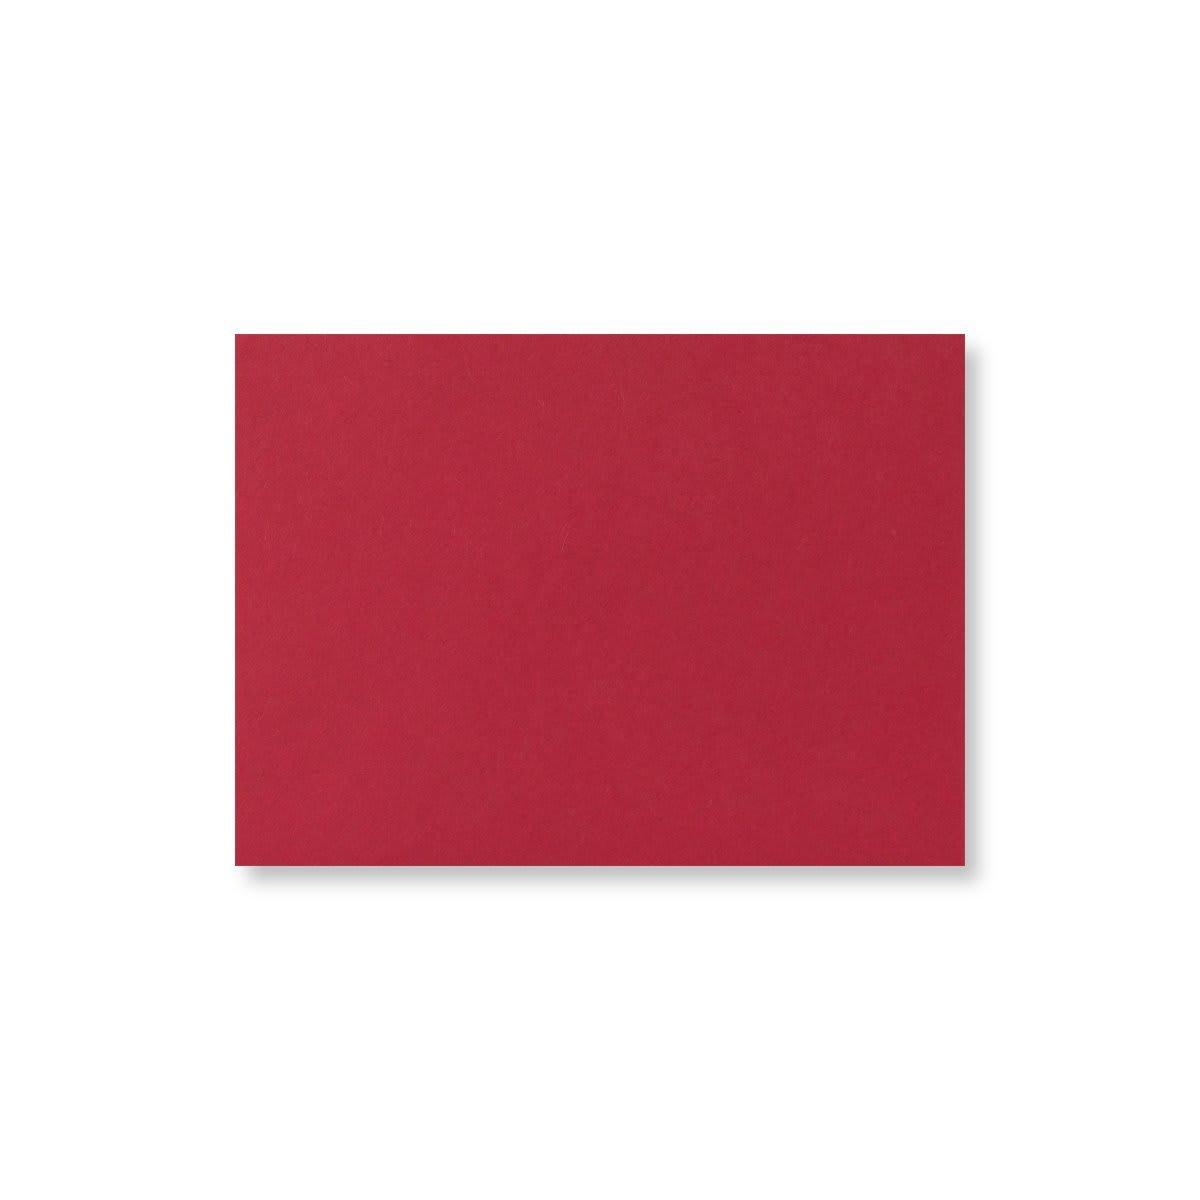 C7 SCARLET RED ENVELOPES